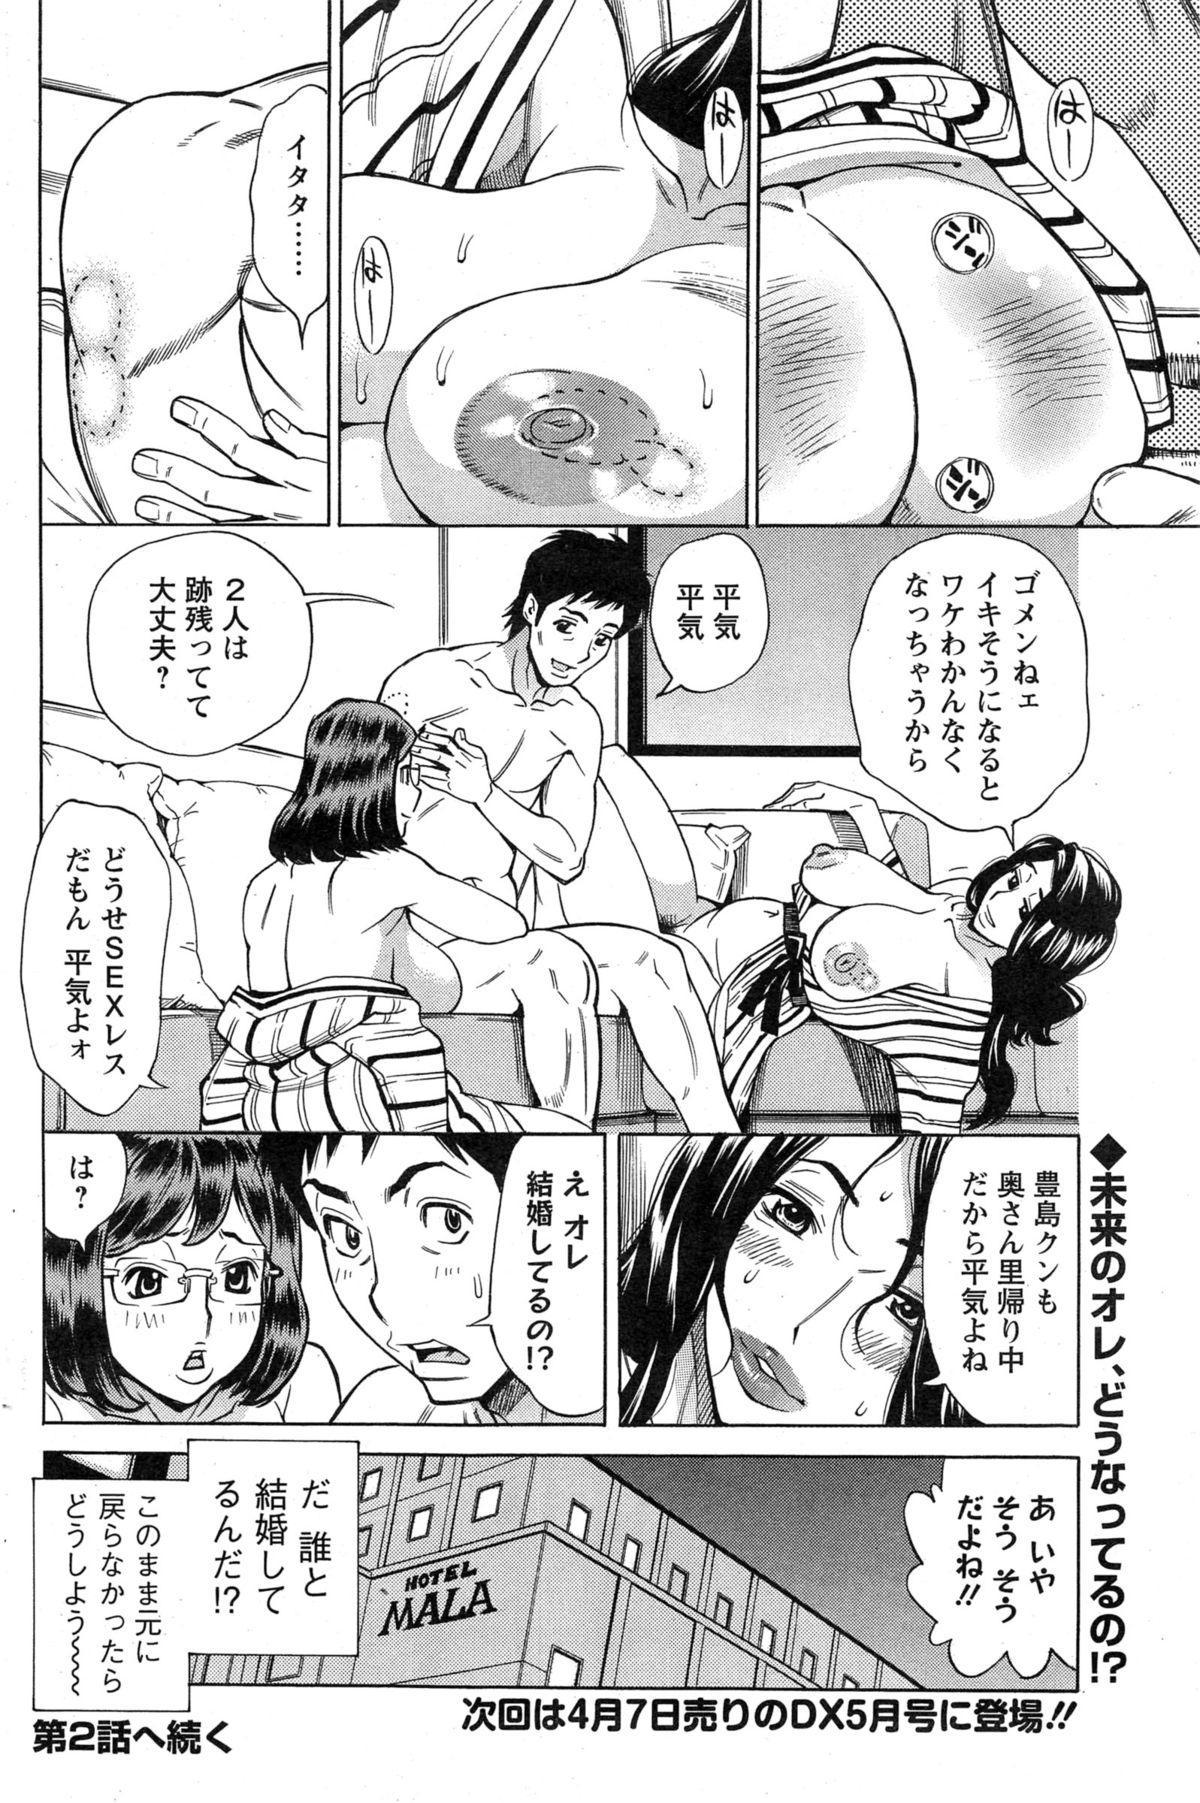 Mirai de Jyukujyo to! 20